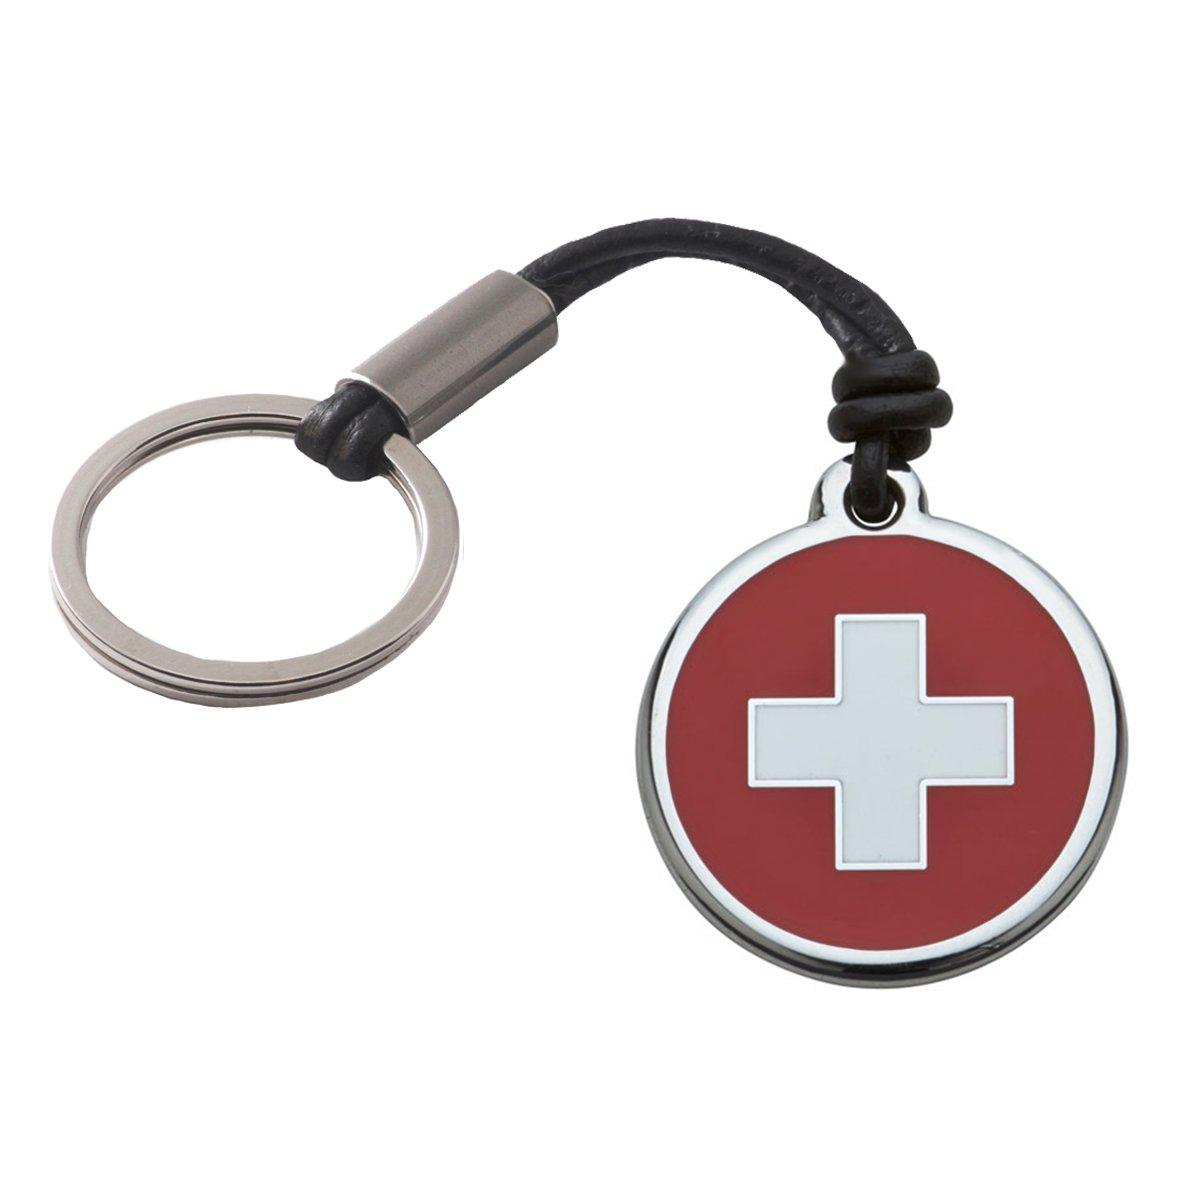 Schlü sselanhä nger Red Dingo Schweiz Wunschtext Gravur Lederband Geschenk Siegtaler 4041187022429